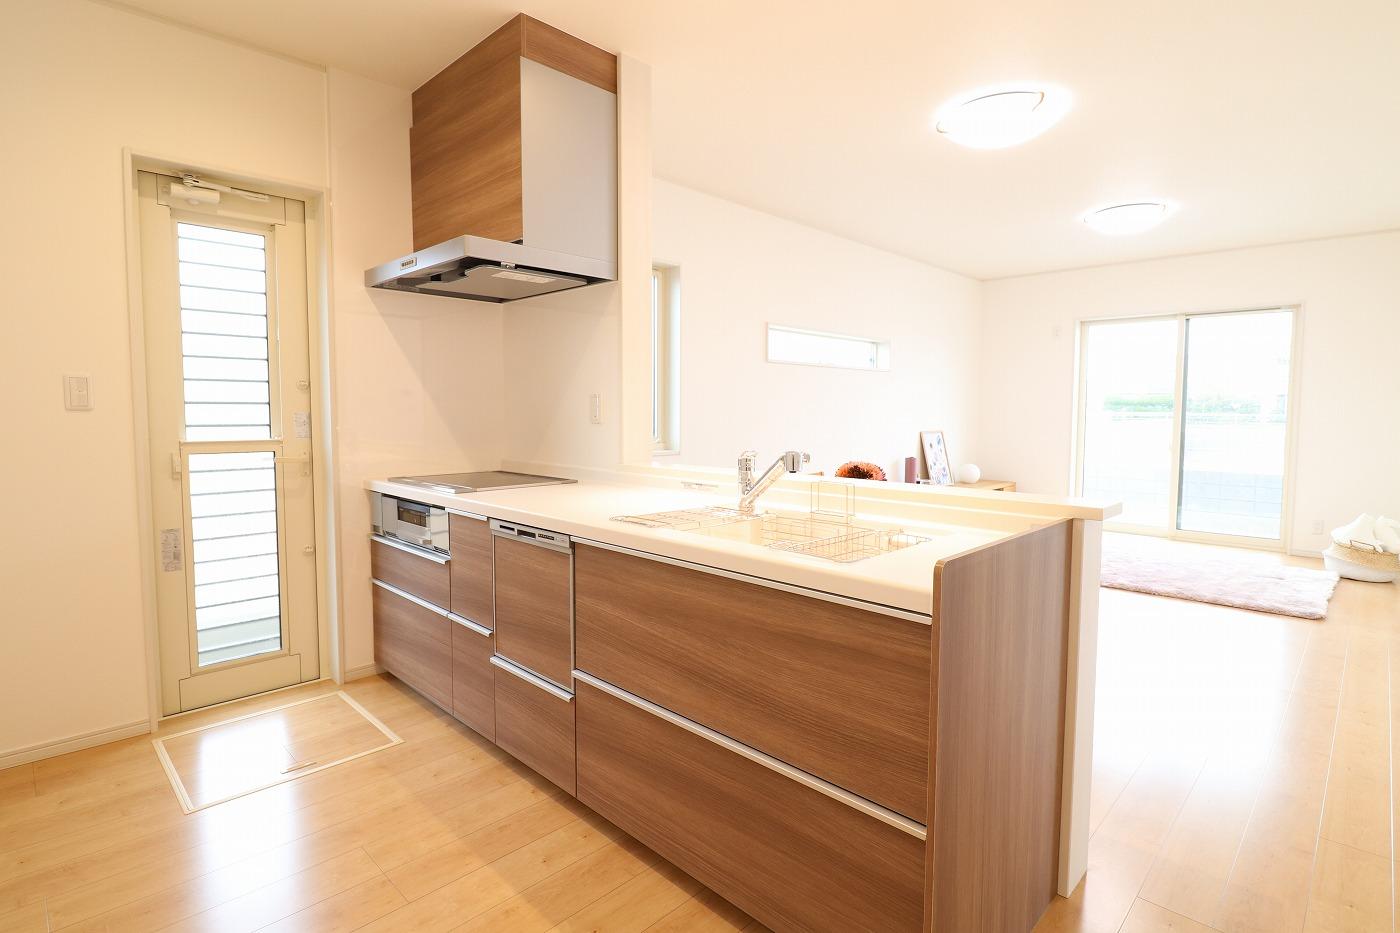 高松市林町の新築建売住宅のキッチン